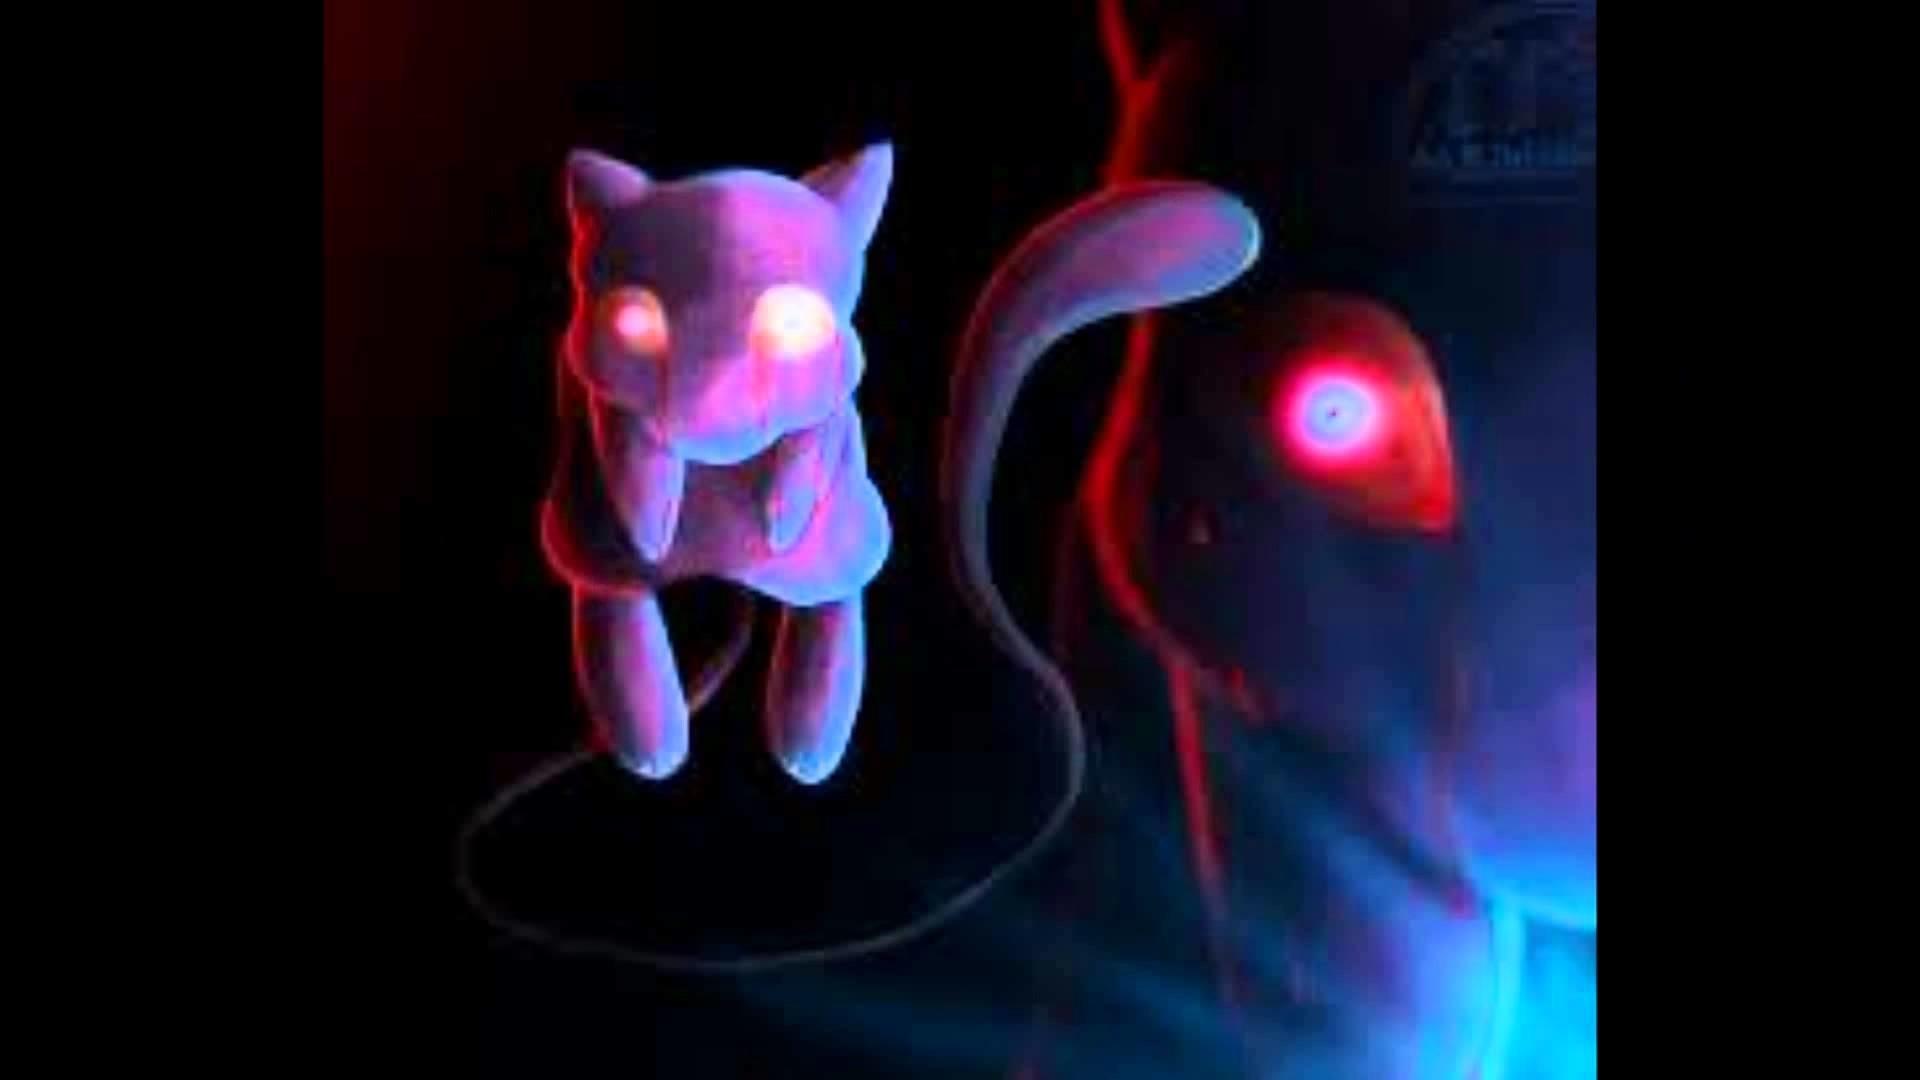 Pokemon Creepypastas (pokepastas) images MEW CREEPYPASTA HD wallpaper and  background photos